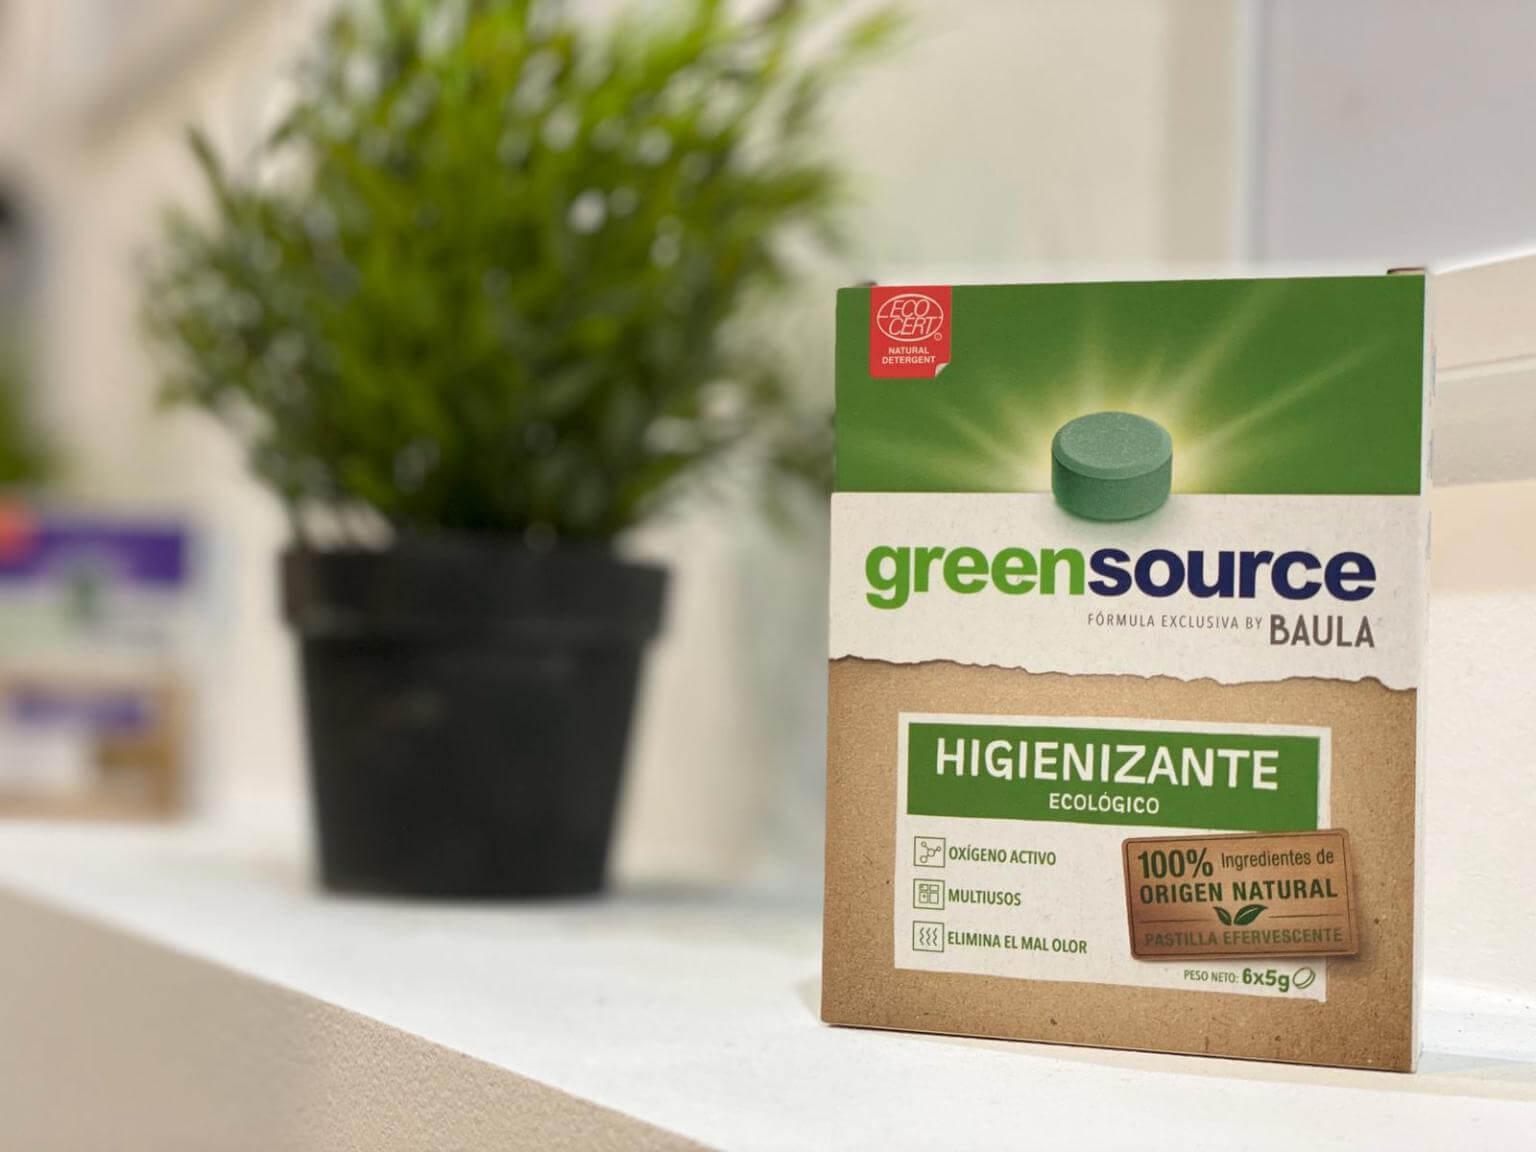 Greensource: nuestra gama de soluciones de higiene y limpieza sostenible